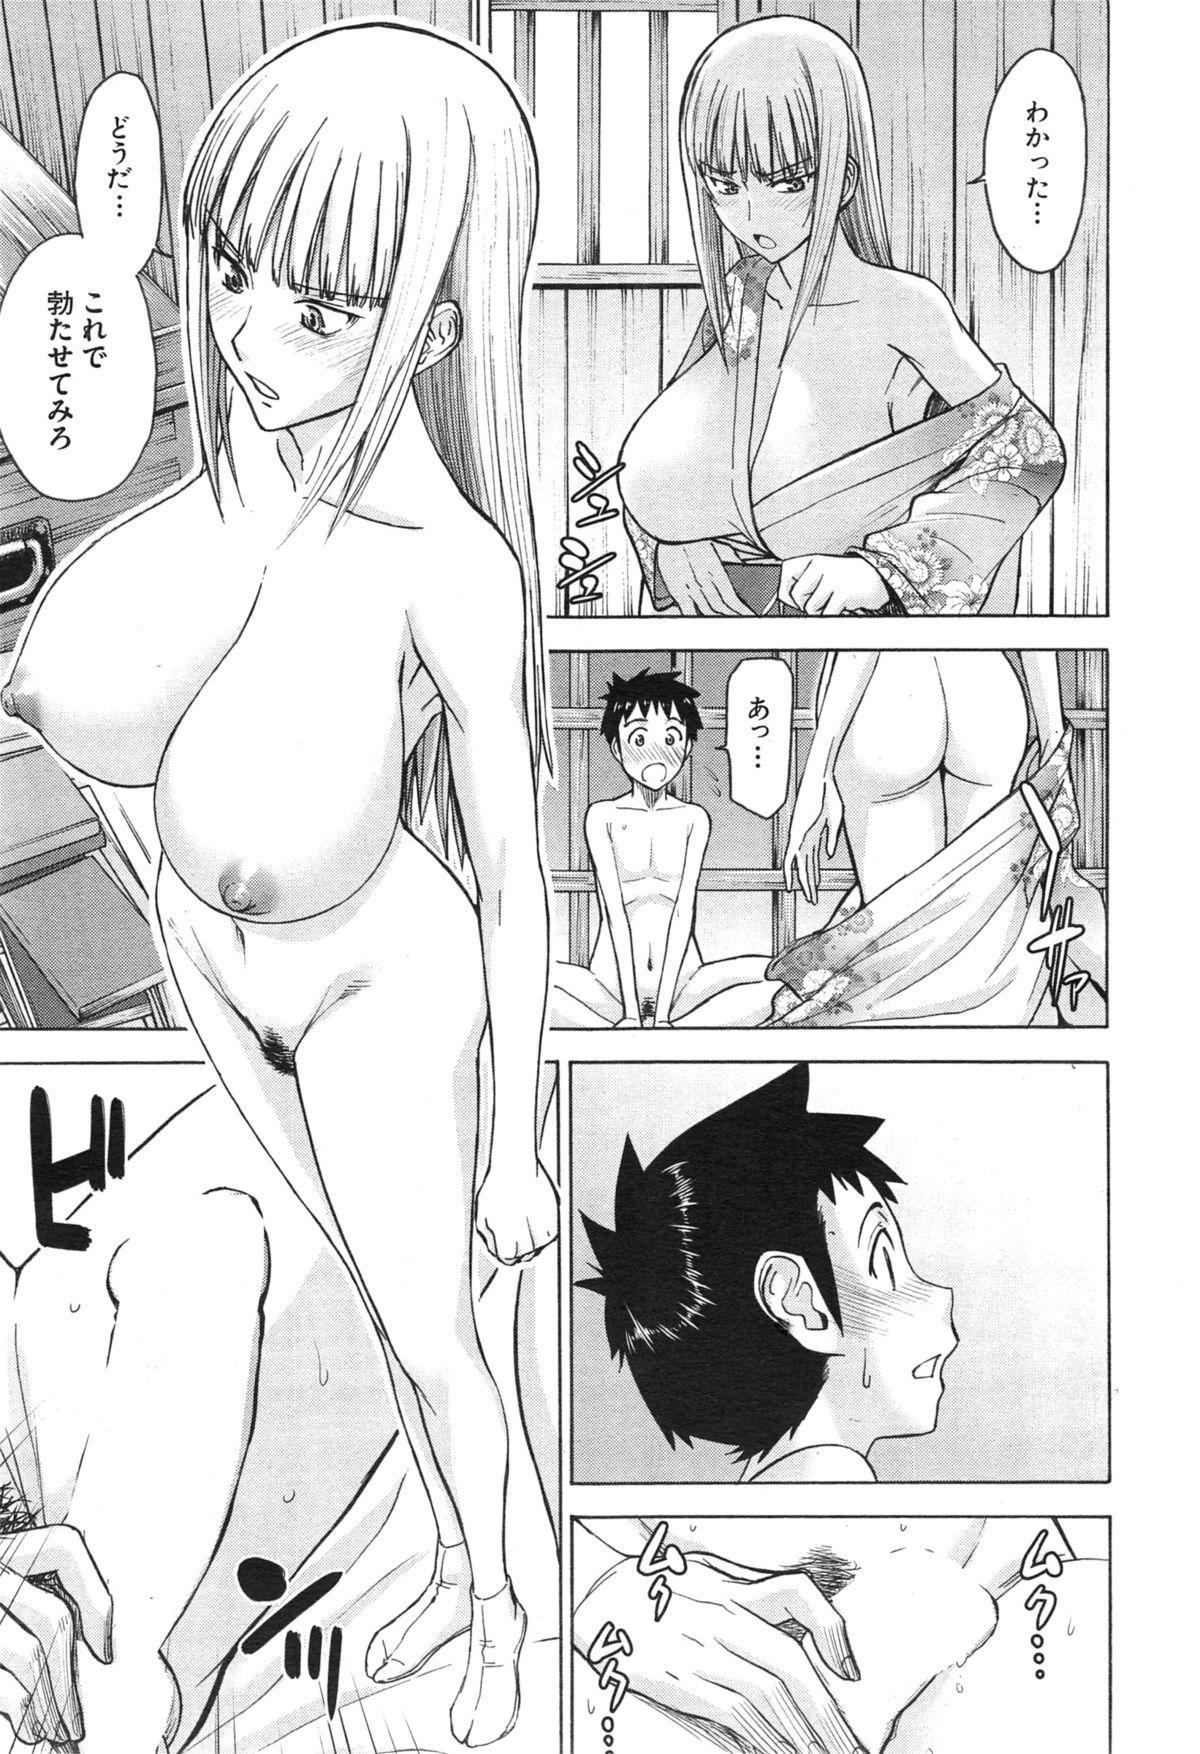 Zashikihime no Omocha Ch. 1-2 46